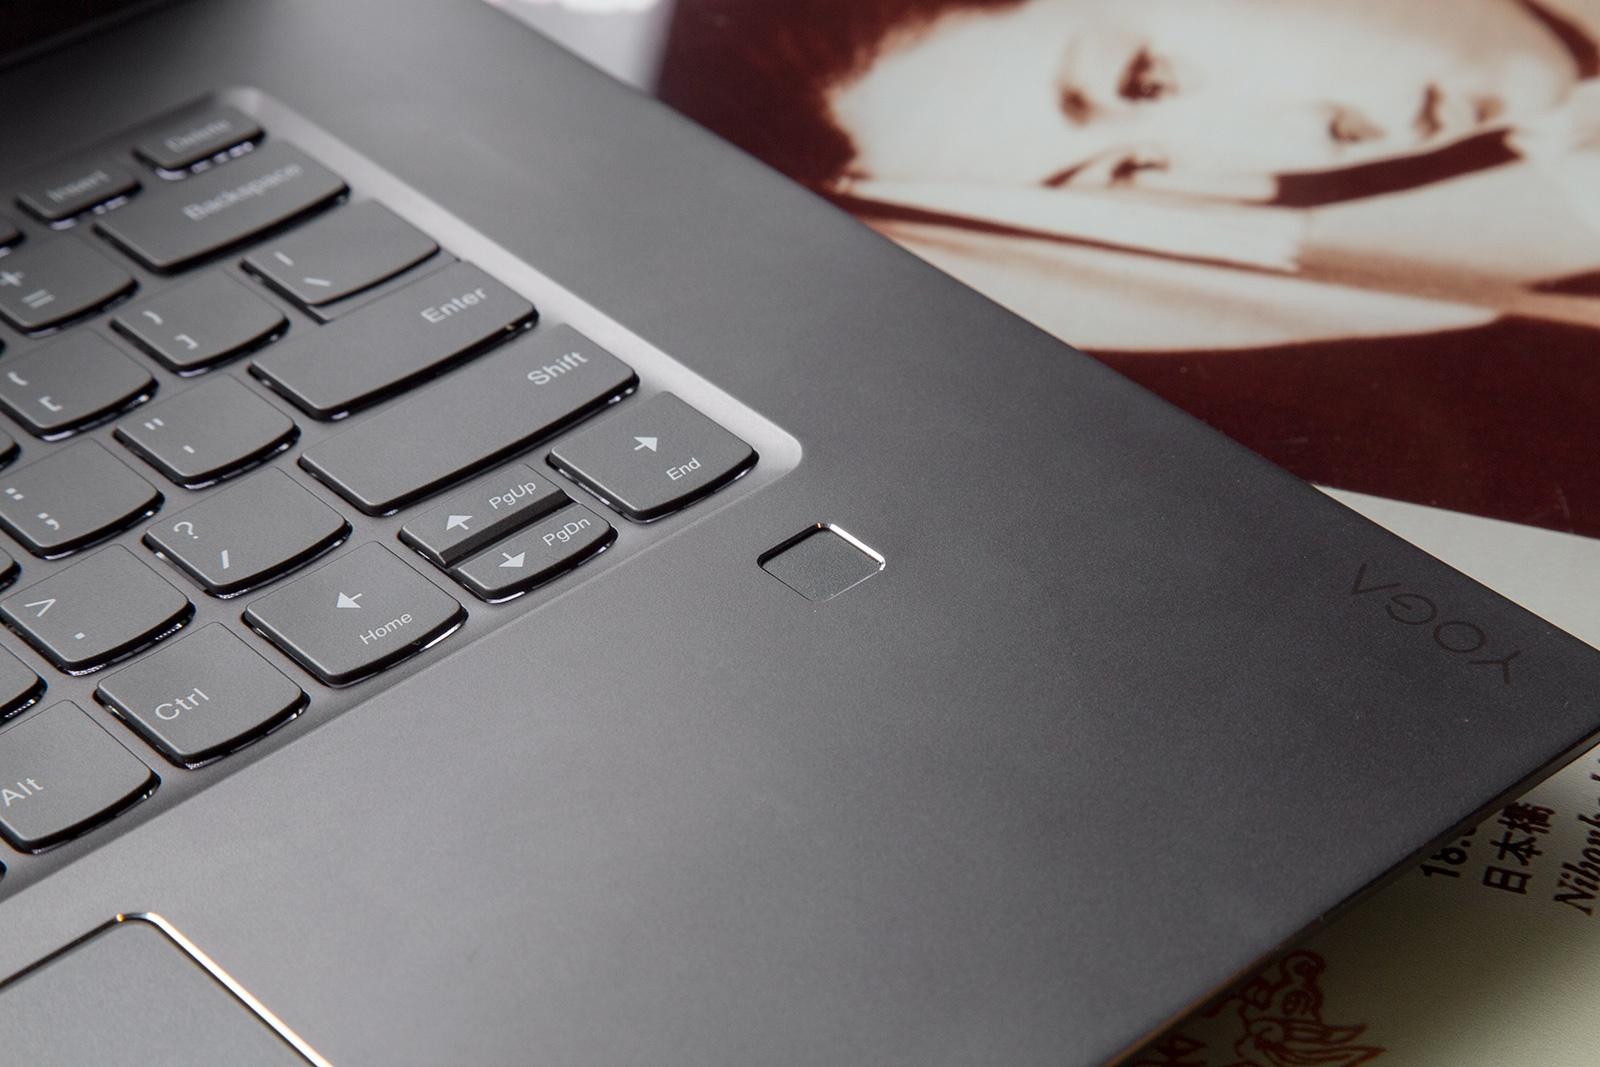 Универсальный Йог. Обзор ноутбука-трансформера Lenovo Yoga 720 - 18